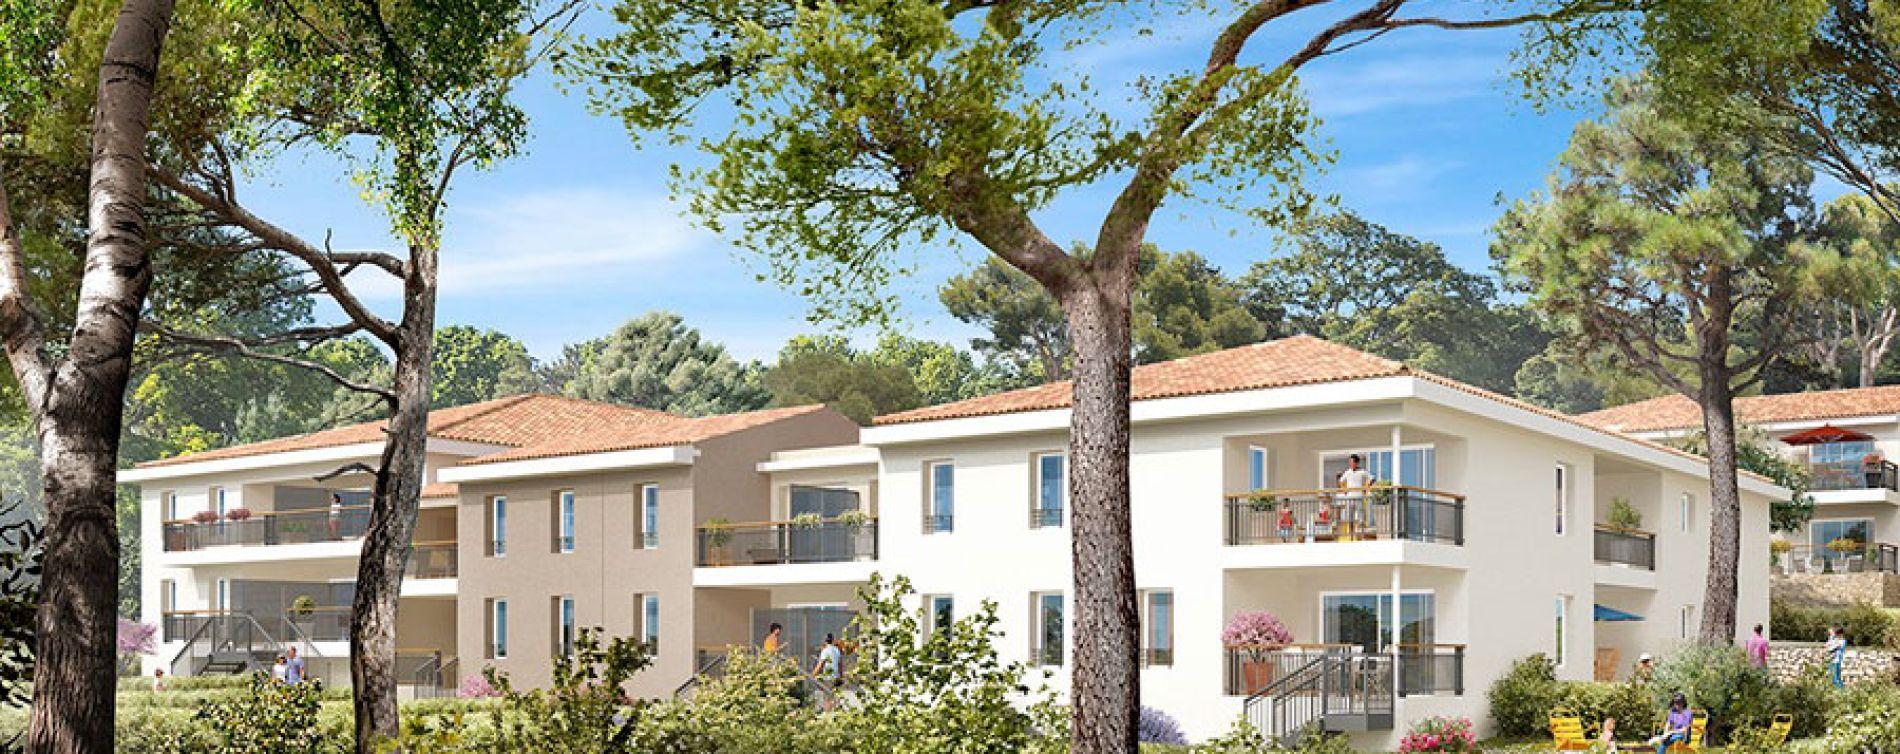 Résidence Château Rose à Toulon